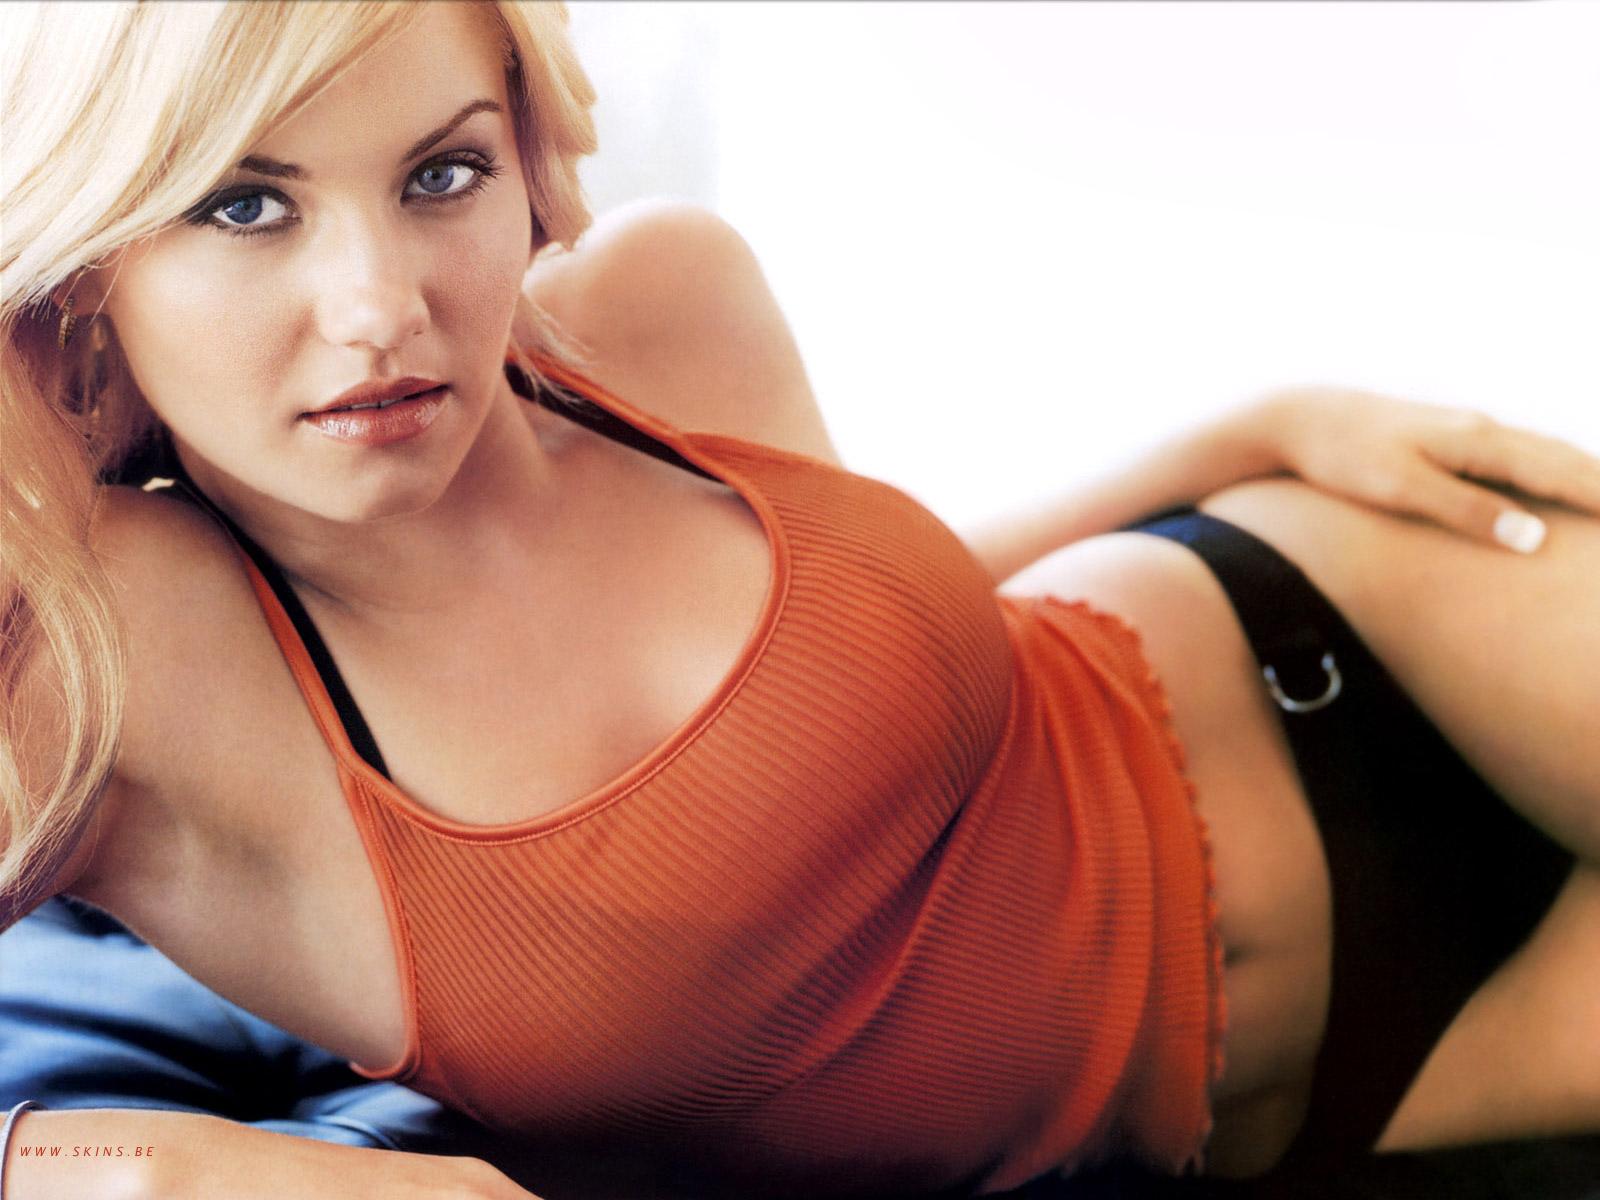 600 Sexys Imagenes De Modelos Lenceria Y Corseteria  - imagenes de mujeres modelos en ropa interior